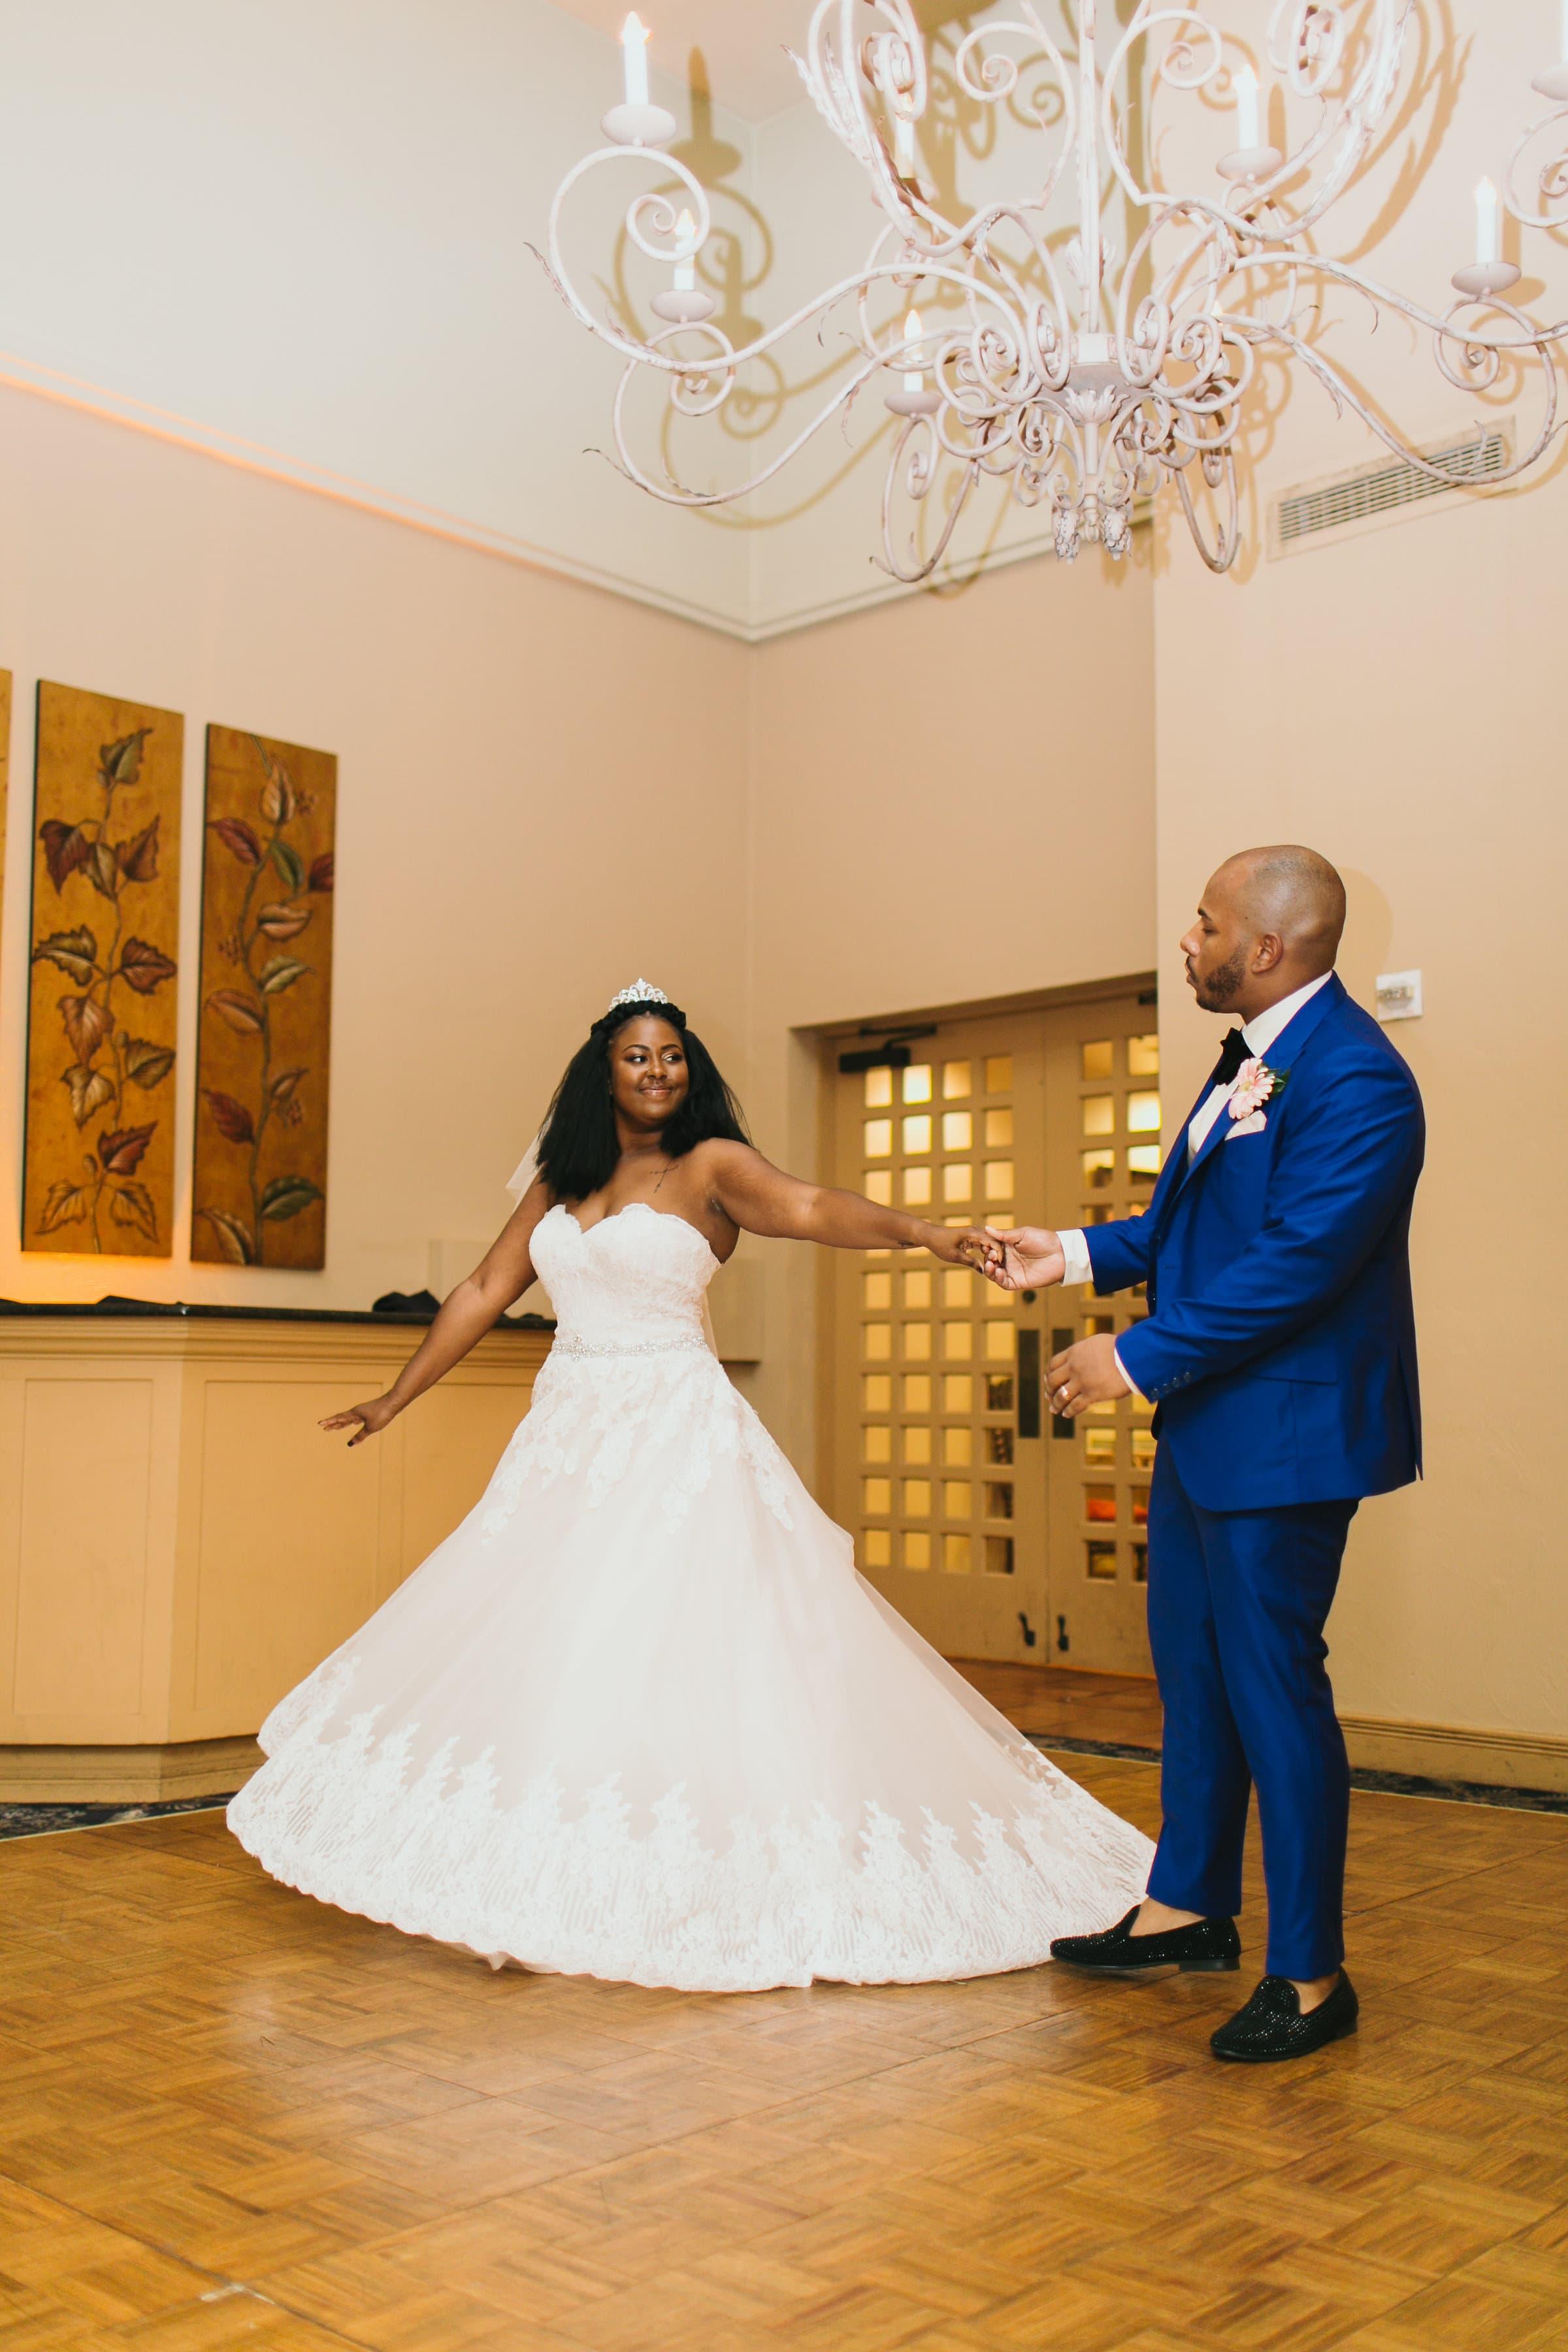 Groom twirling bride under chandelier at Legends Ballroom